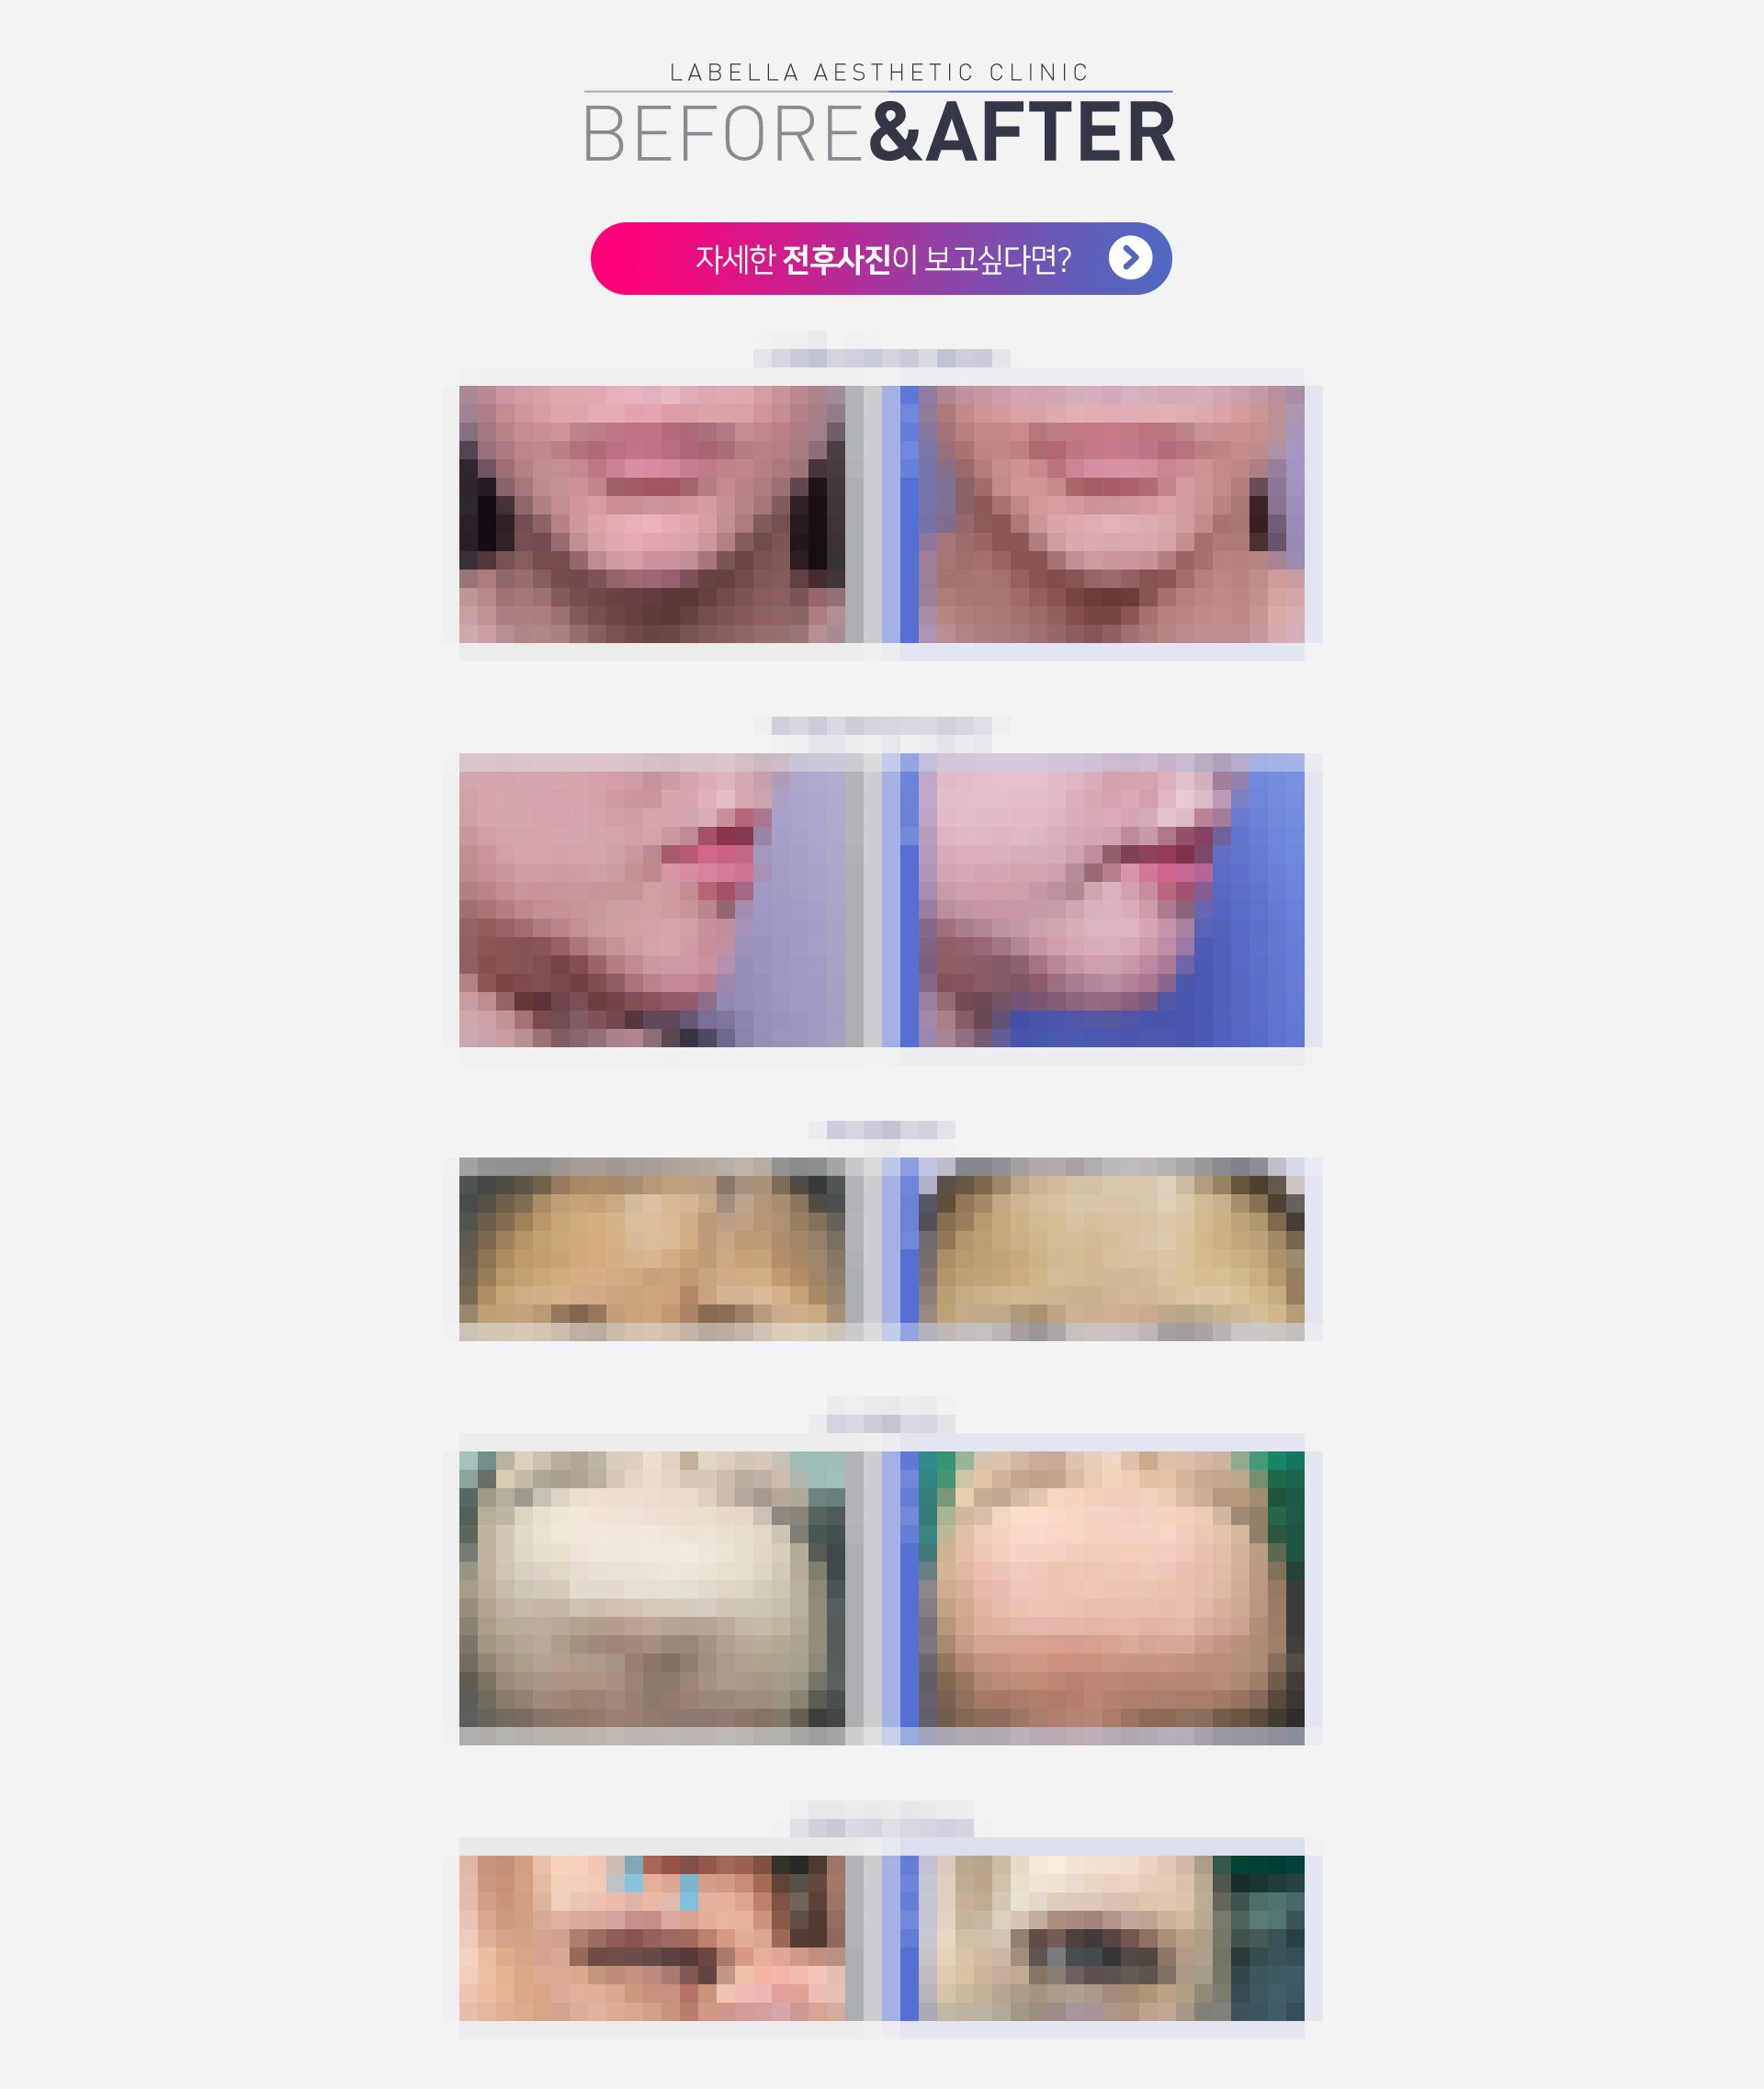 강남 신논현역 피부과 성형외과 라벨라 이물질제거 전후사진